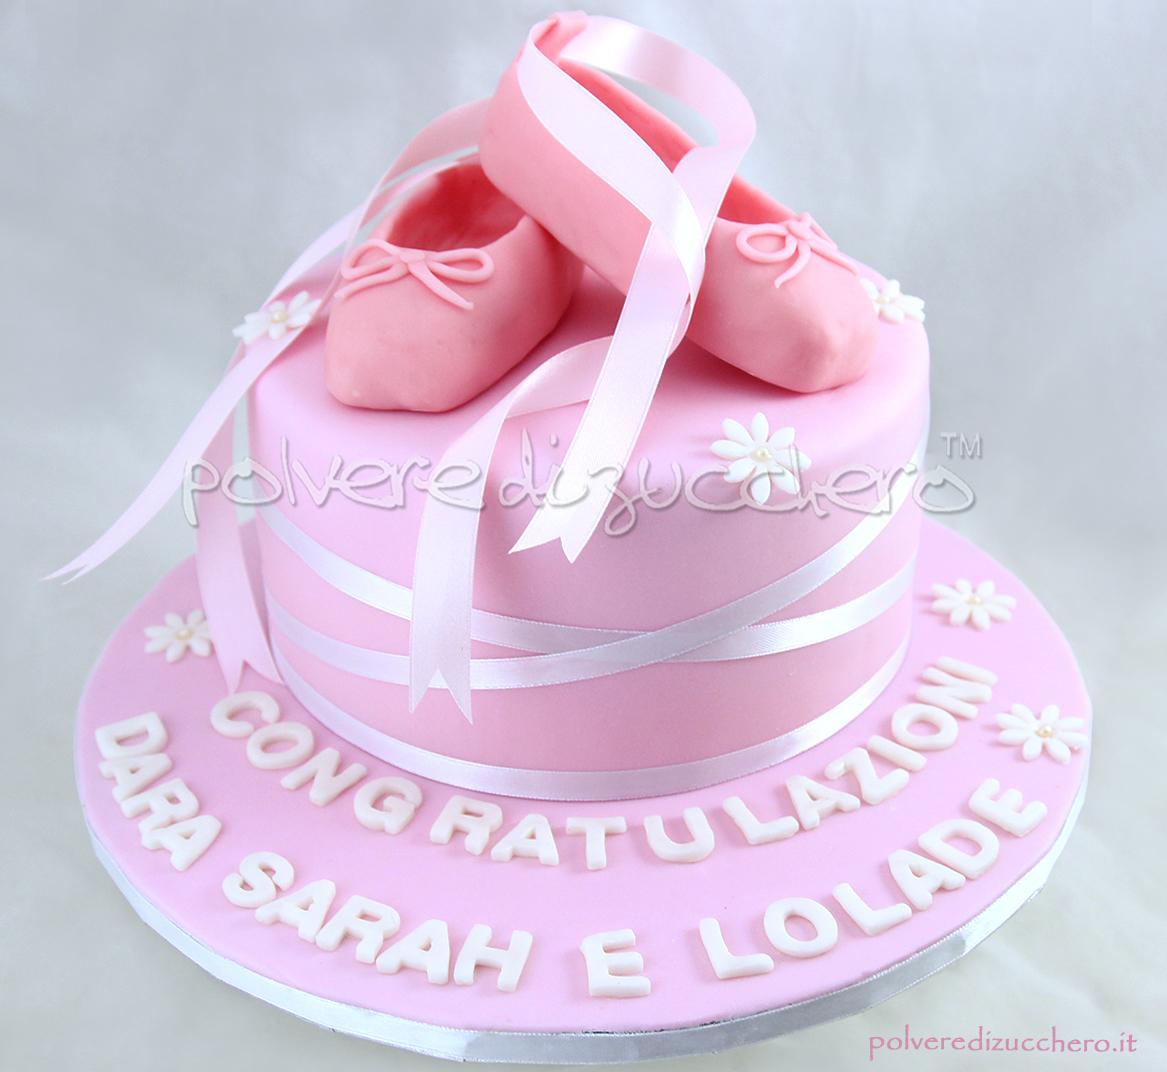 torta decorata cake design saggio di danza ballerina scarpe da ballerina punte da ballerina dance polvere di zucchero